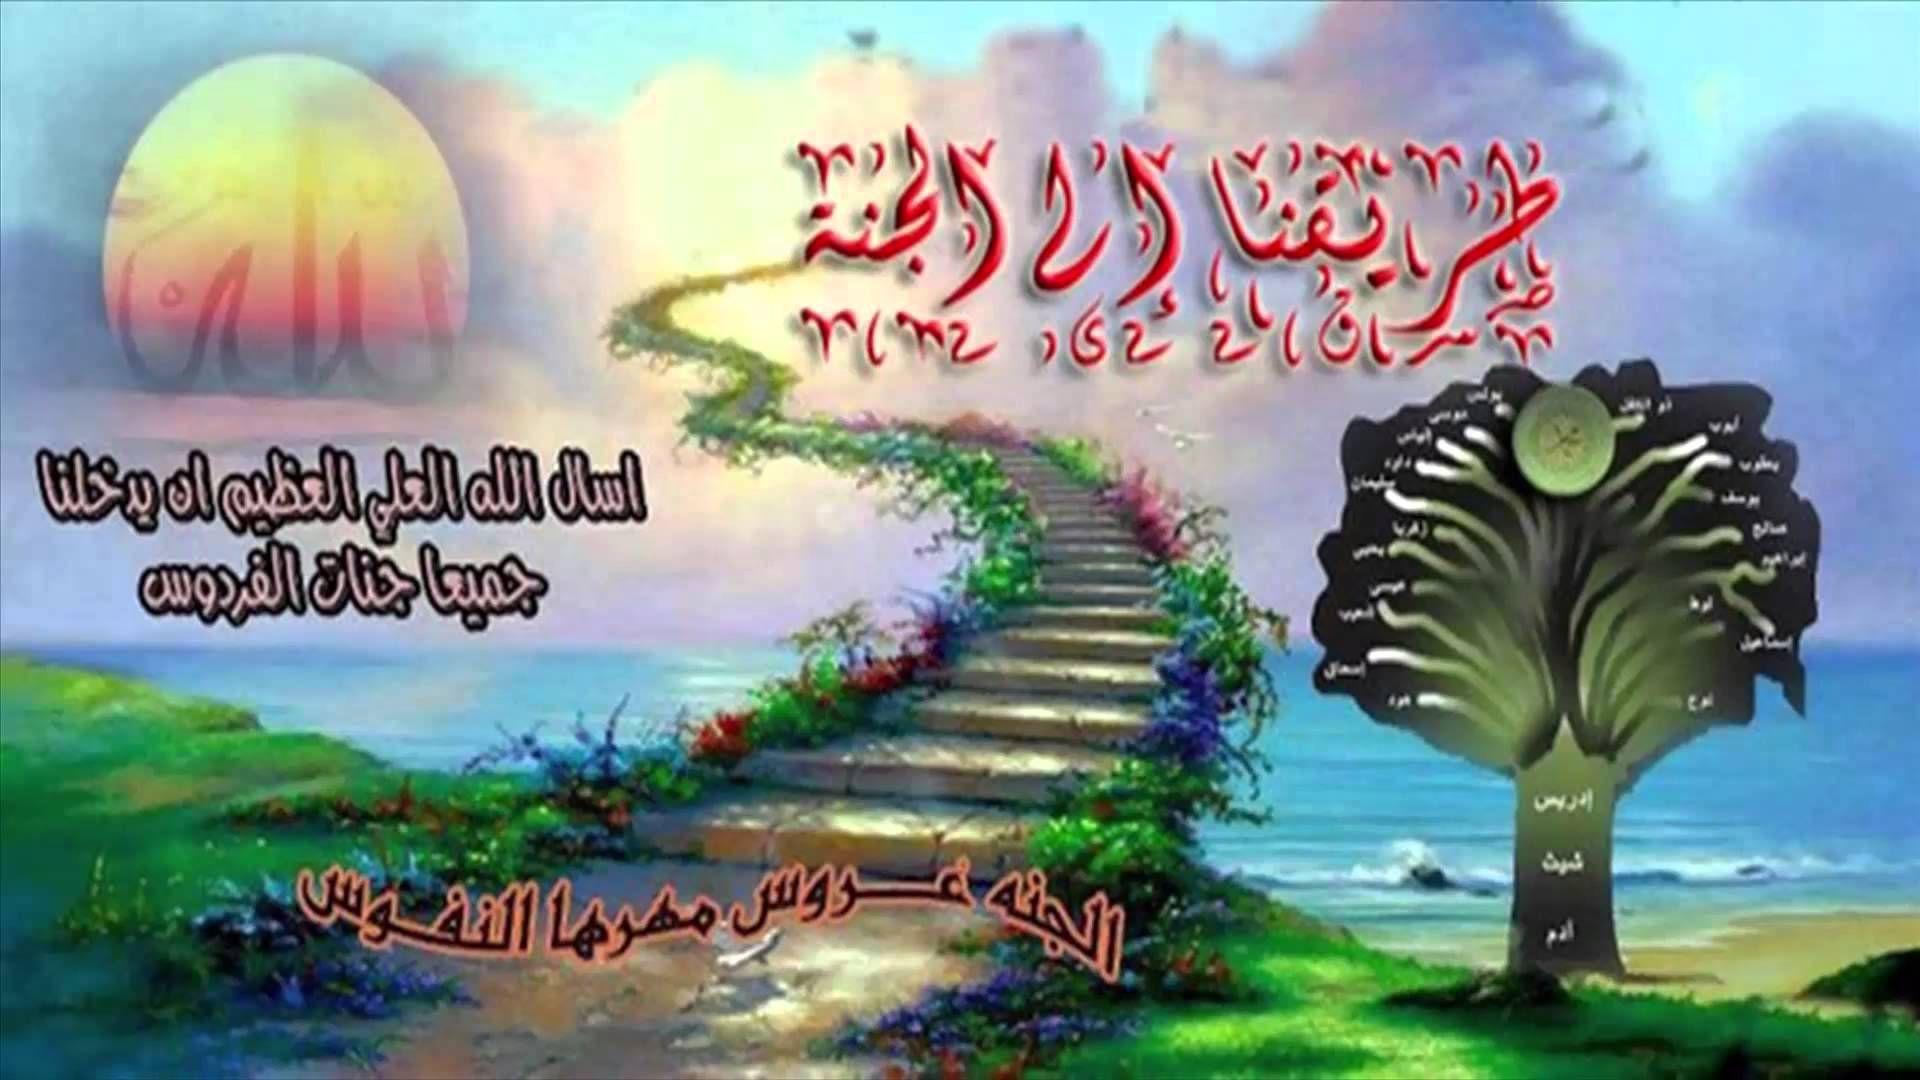 رقية العلم والحكمة للمصاب بـ عين في العلم والحفظ والدراسة والنجاح والوظيفة والعمل Quran Koran Quran Ramadan